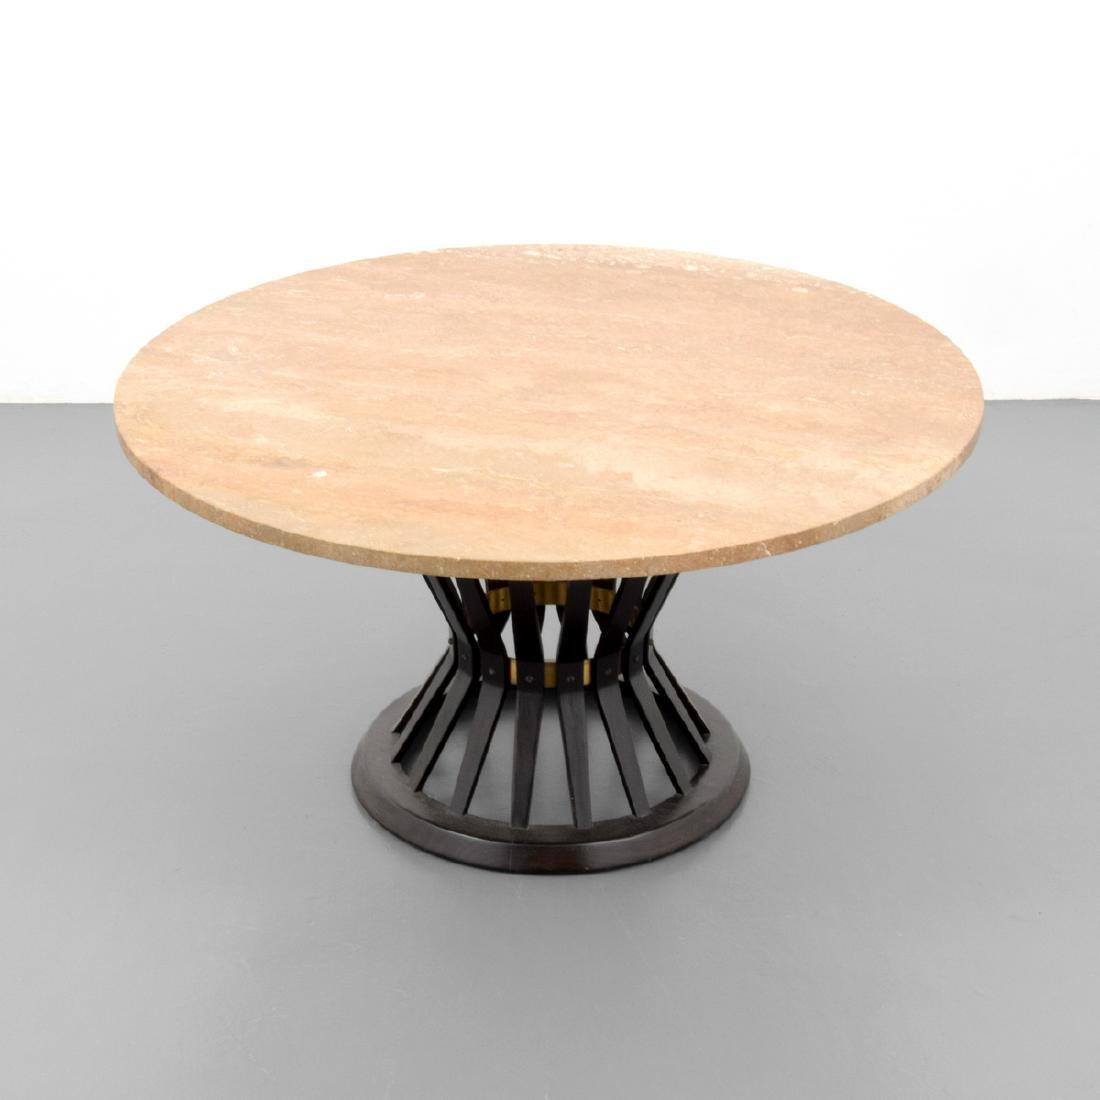 Edward Wormley SHEAF OF WHEAT Coffee Table